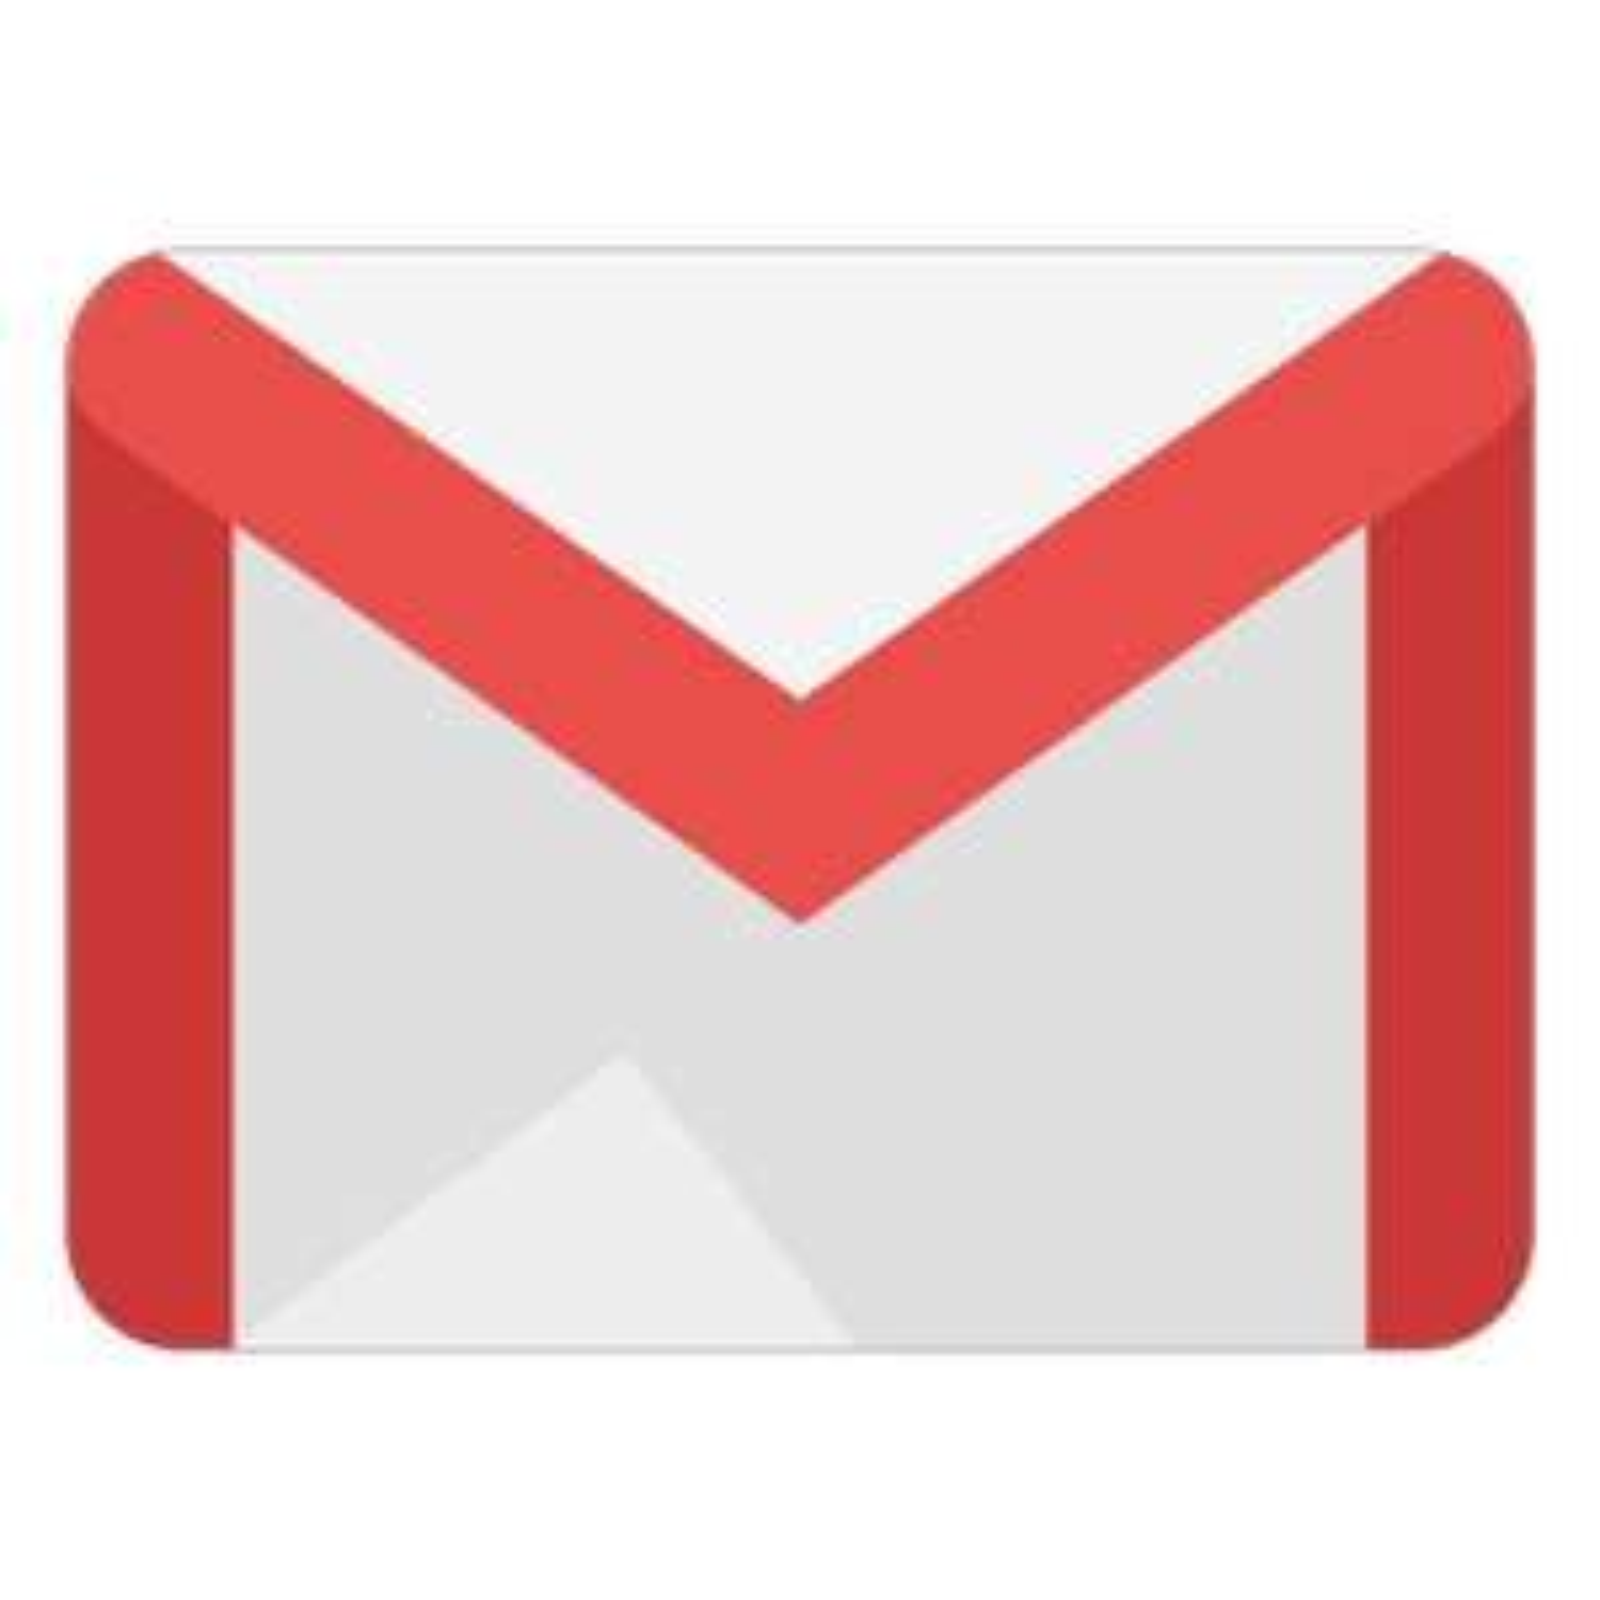 [Lifehack] GRATIS Erweiterung zu eurer Gmail-Adresse (ohne Mühe!)